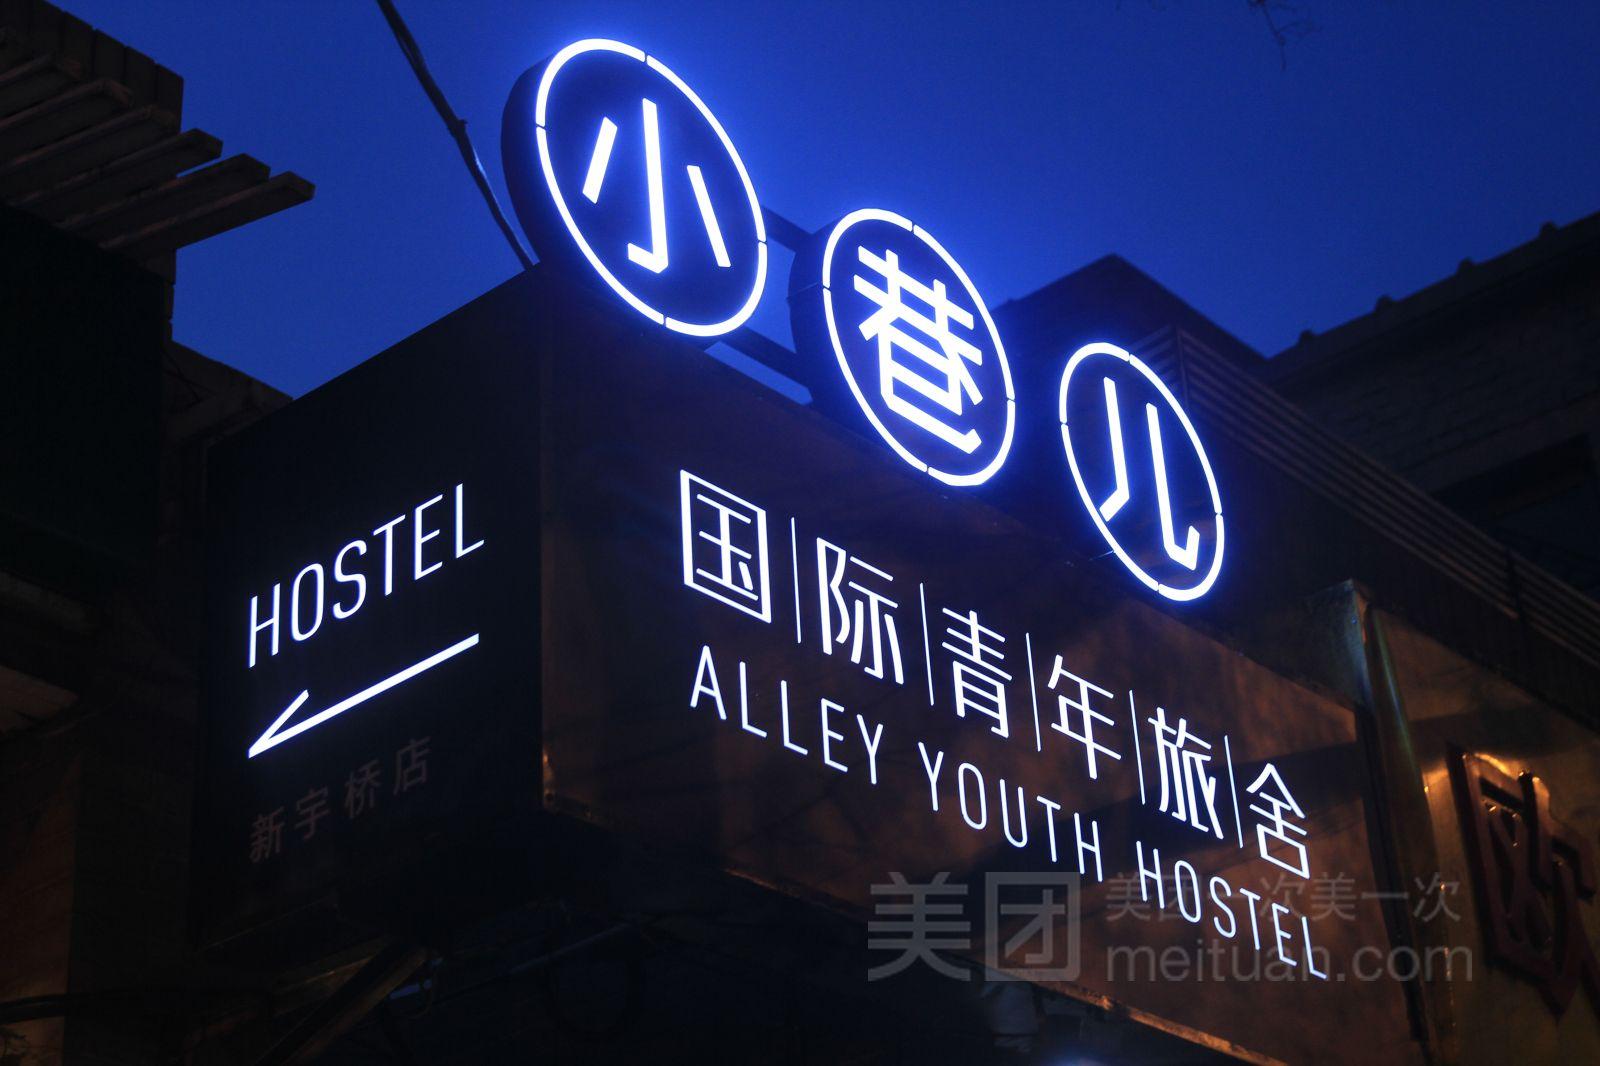 小巷儿国际青年旅舍预订/团购